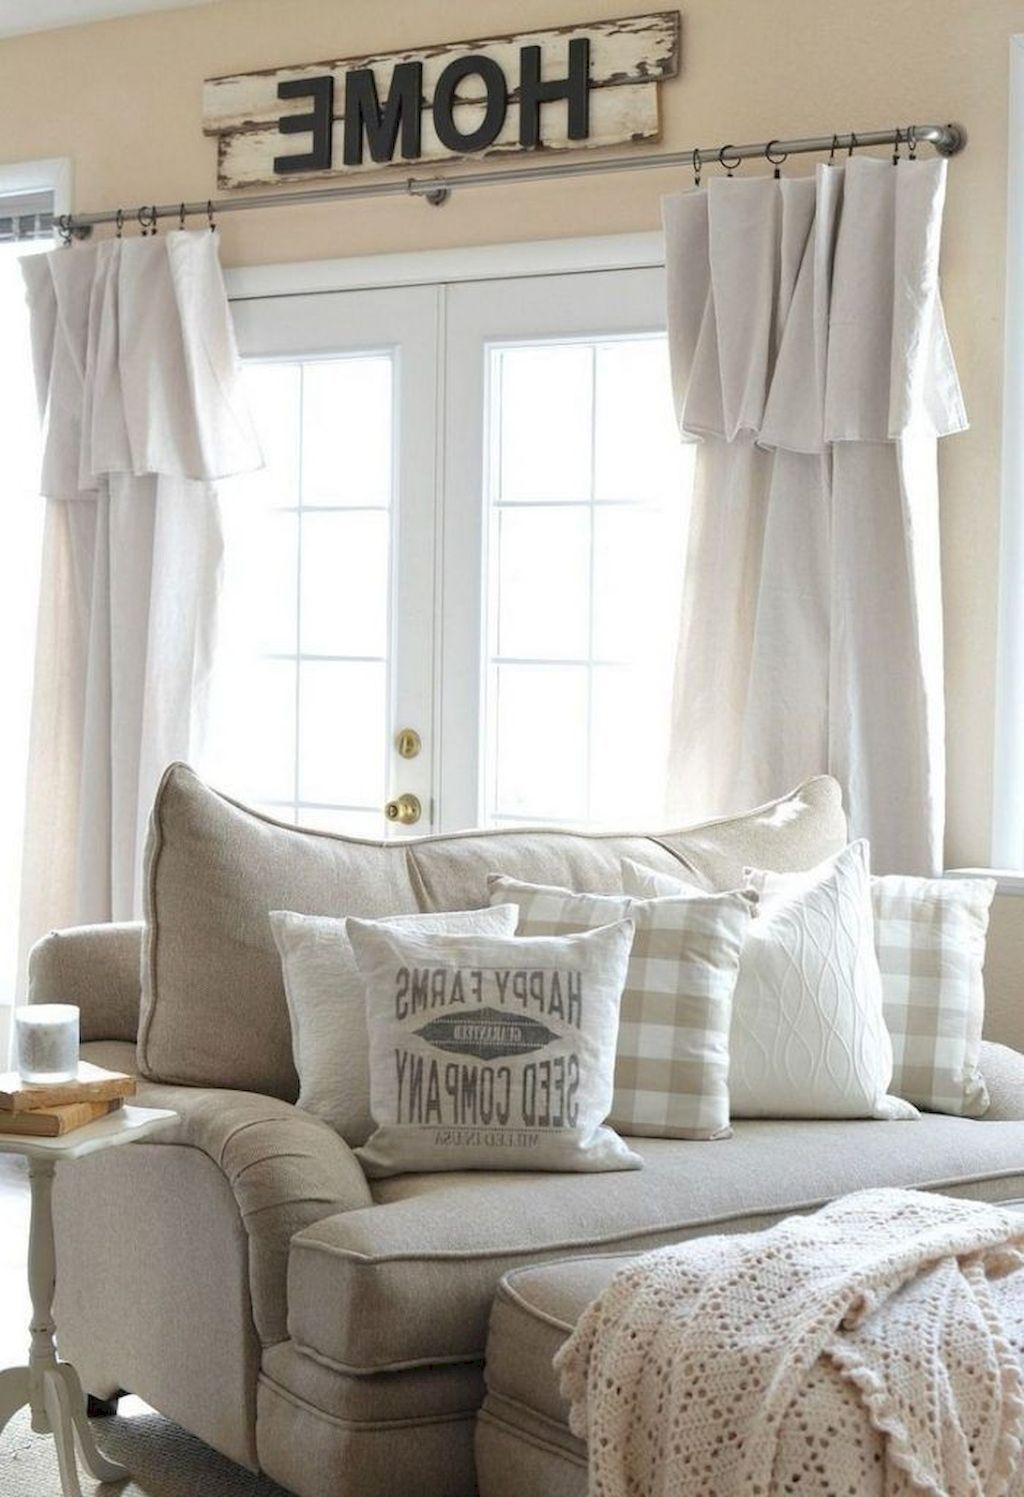 90 Modern Farmhouse Living Room Curtains Decor Ideas ... on Farmhouse Living Room Curtain Ideas  id=14643